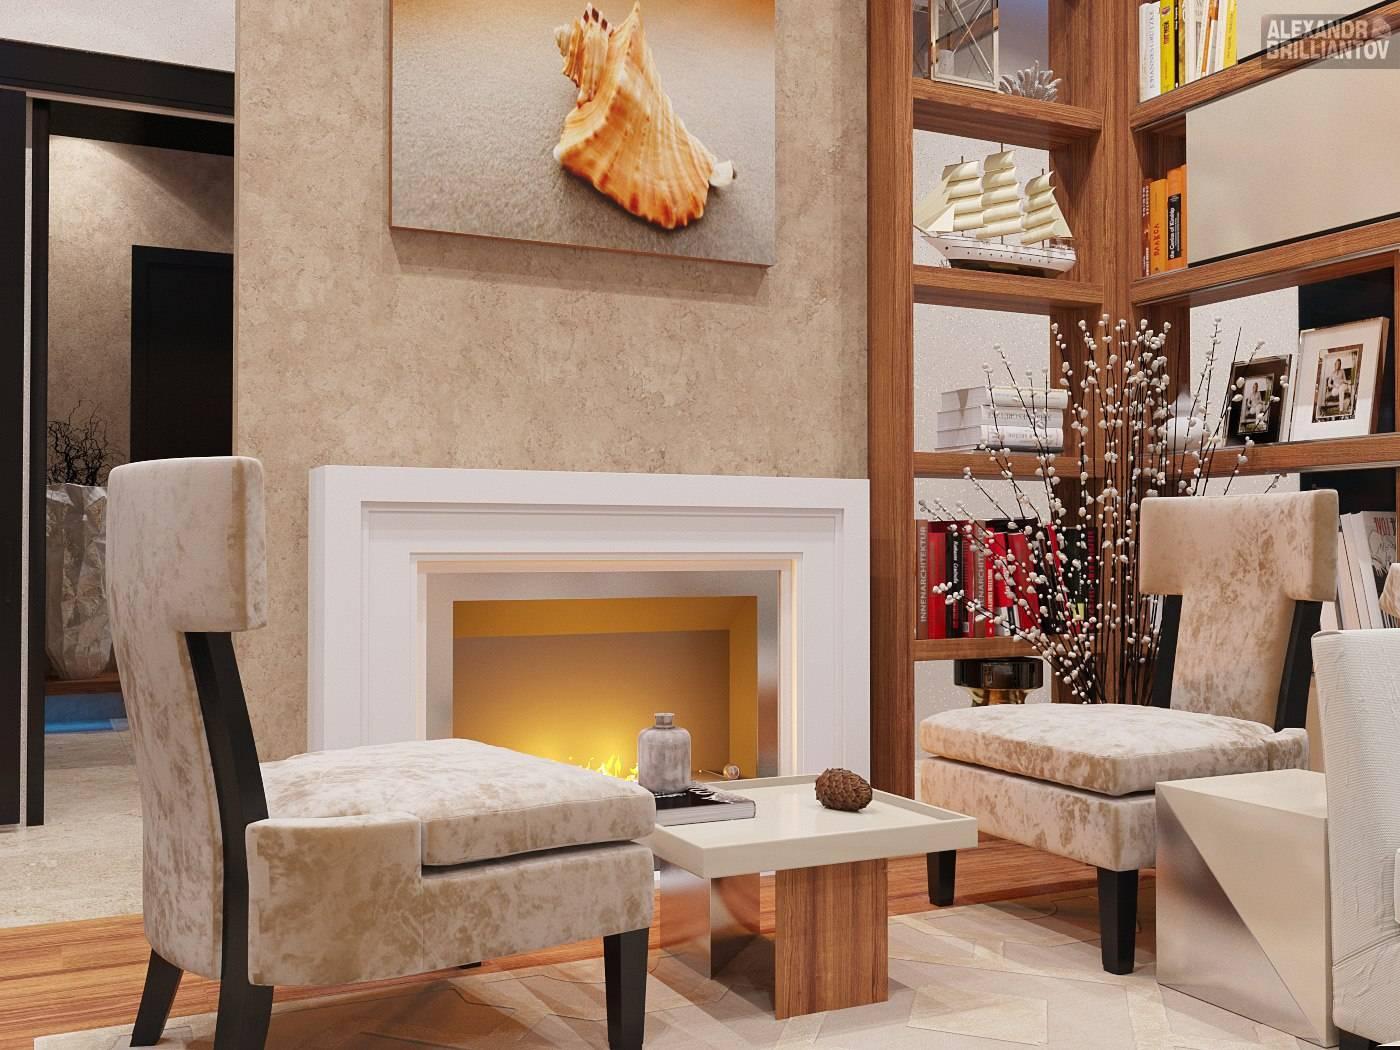 Гостиная с камином дизайн интерьера